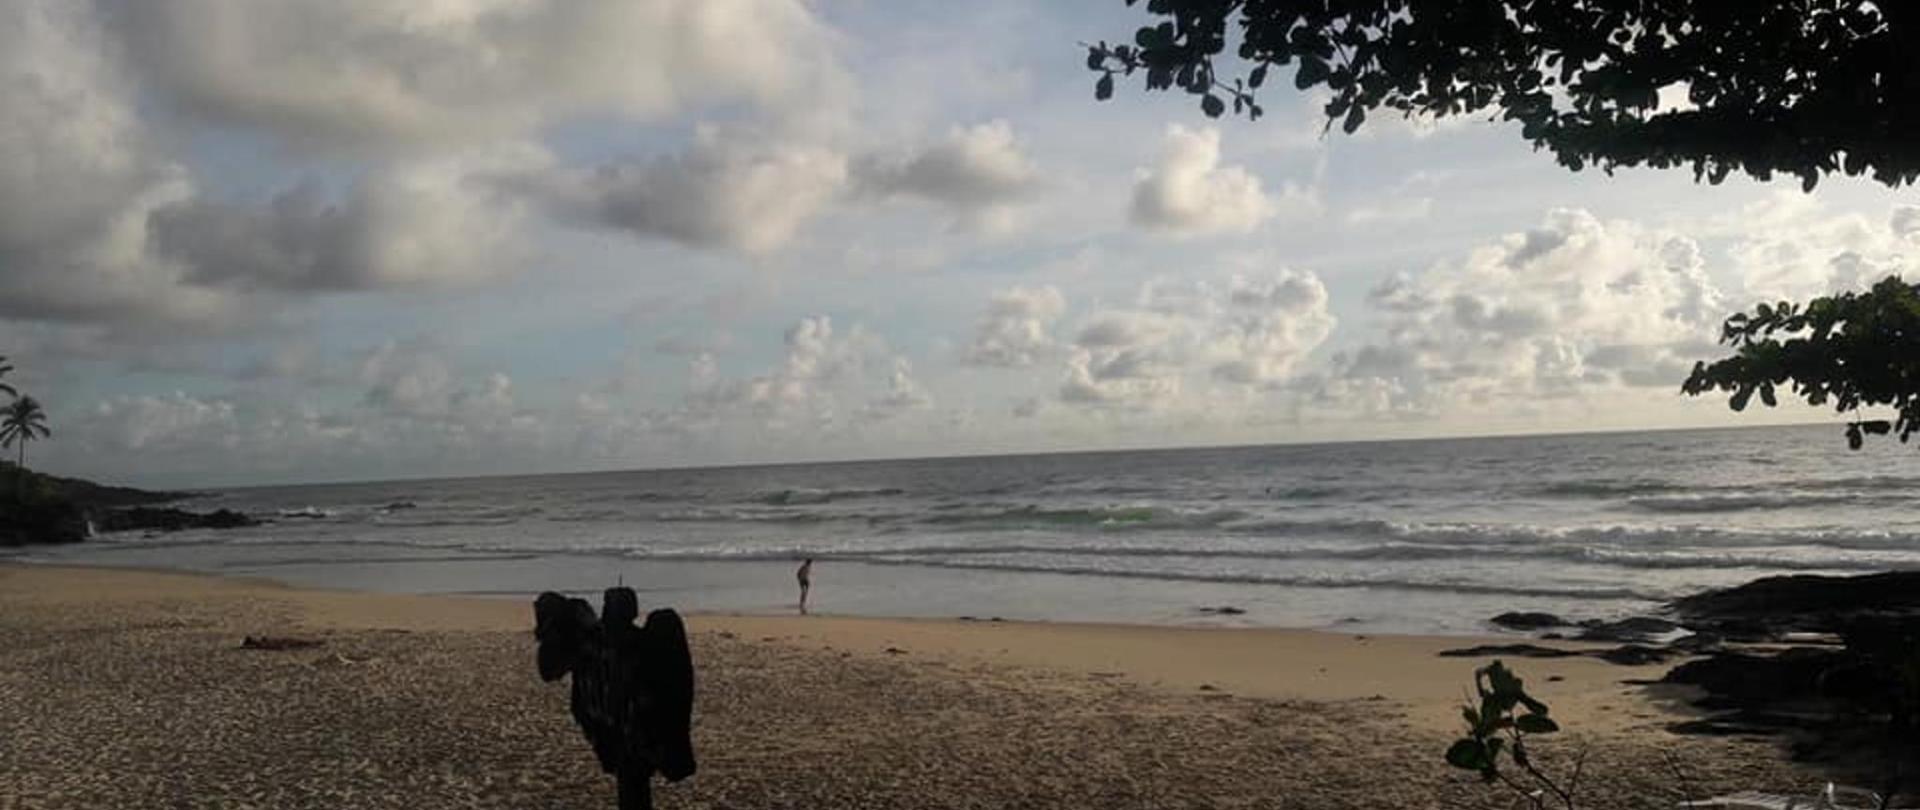 praiarenato2.jpg